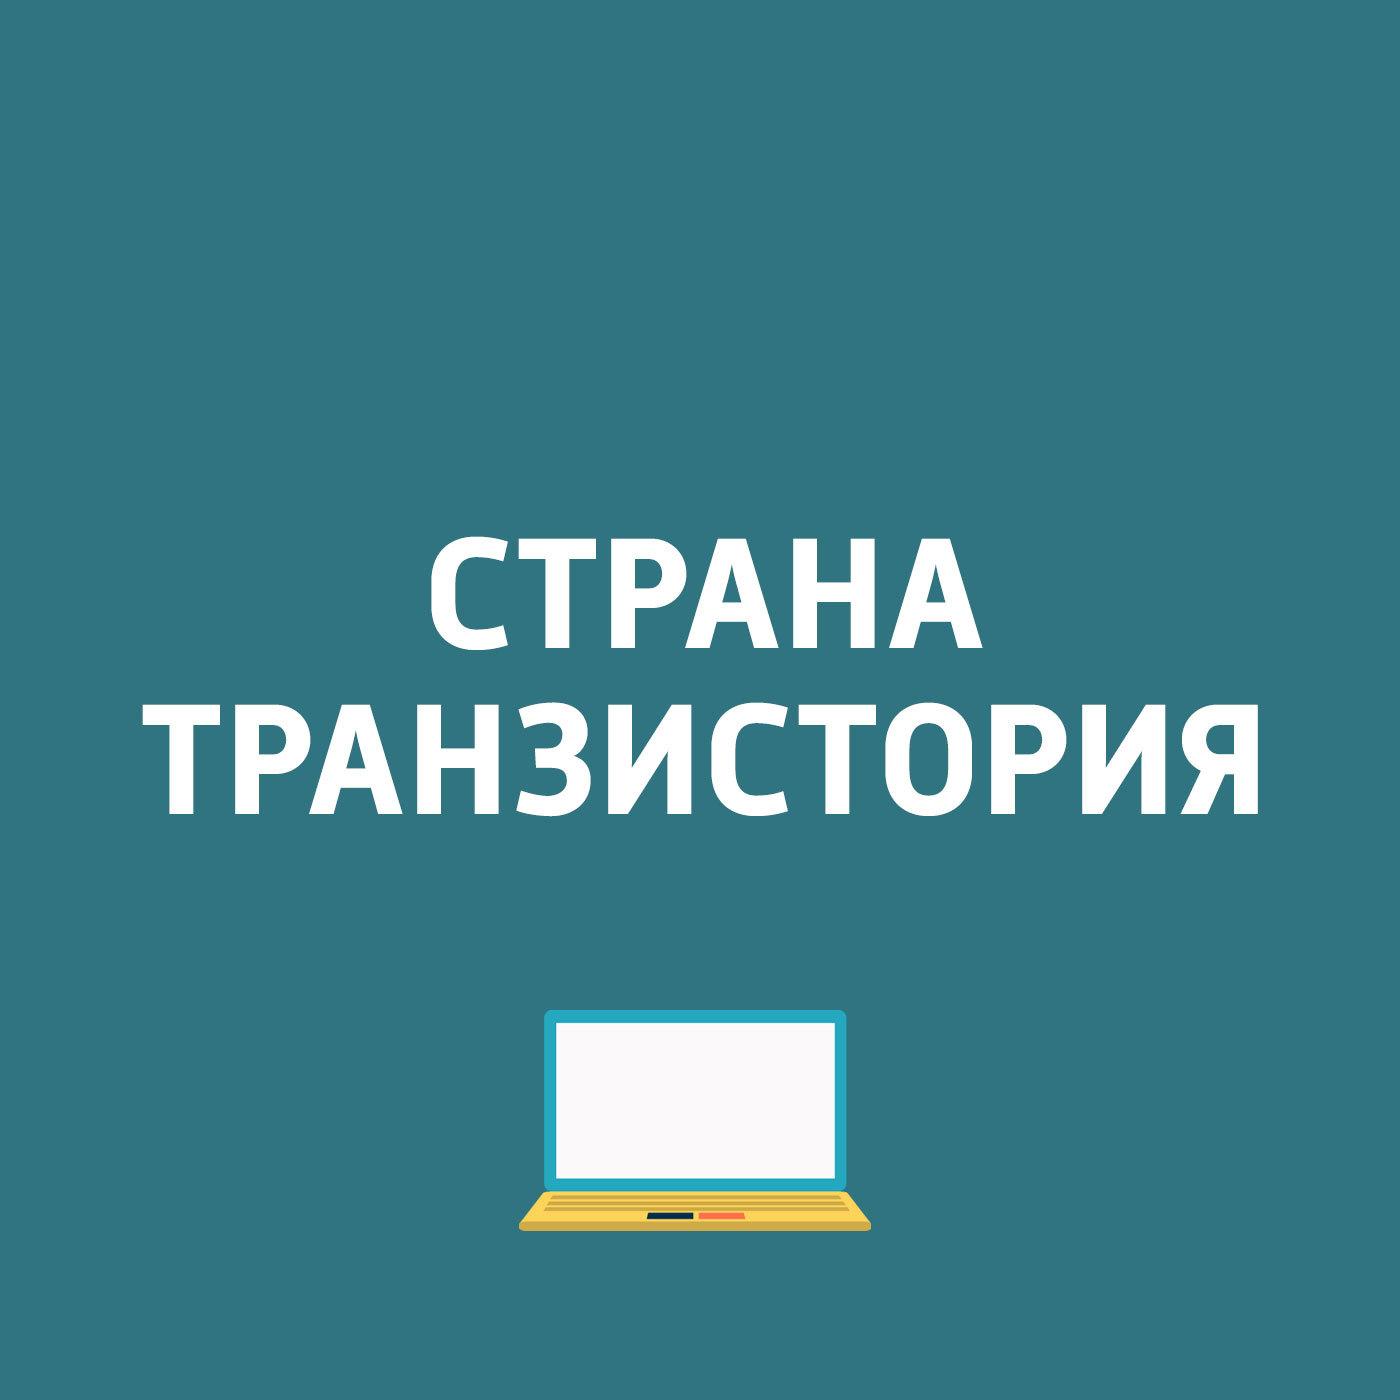 Картаев Павел Huawei объявляет о старте продаж MateBook в России; Vido W10 Elite; «ВКонтакте» выпускает аналог Prisma... картаев павел asus zenbo запускают в продажу с нового года фоторедактор prisma назван лучшим мобильным приложением года